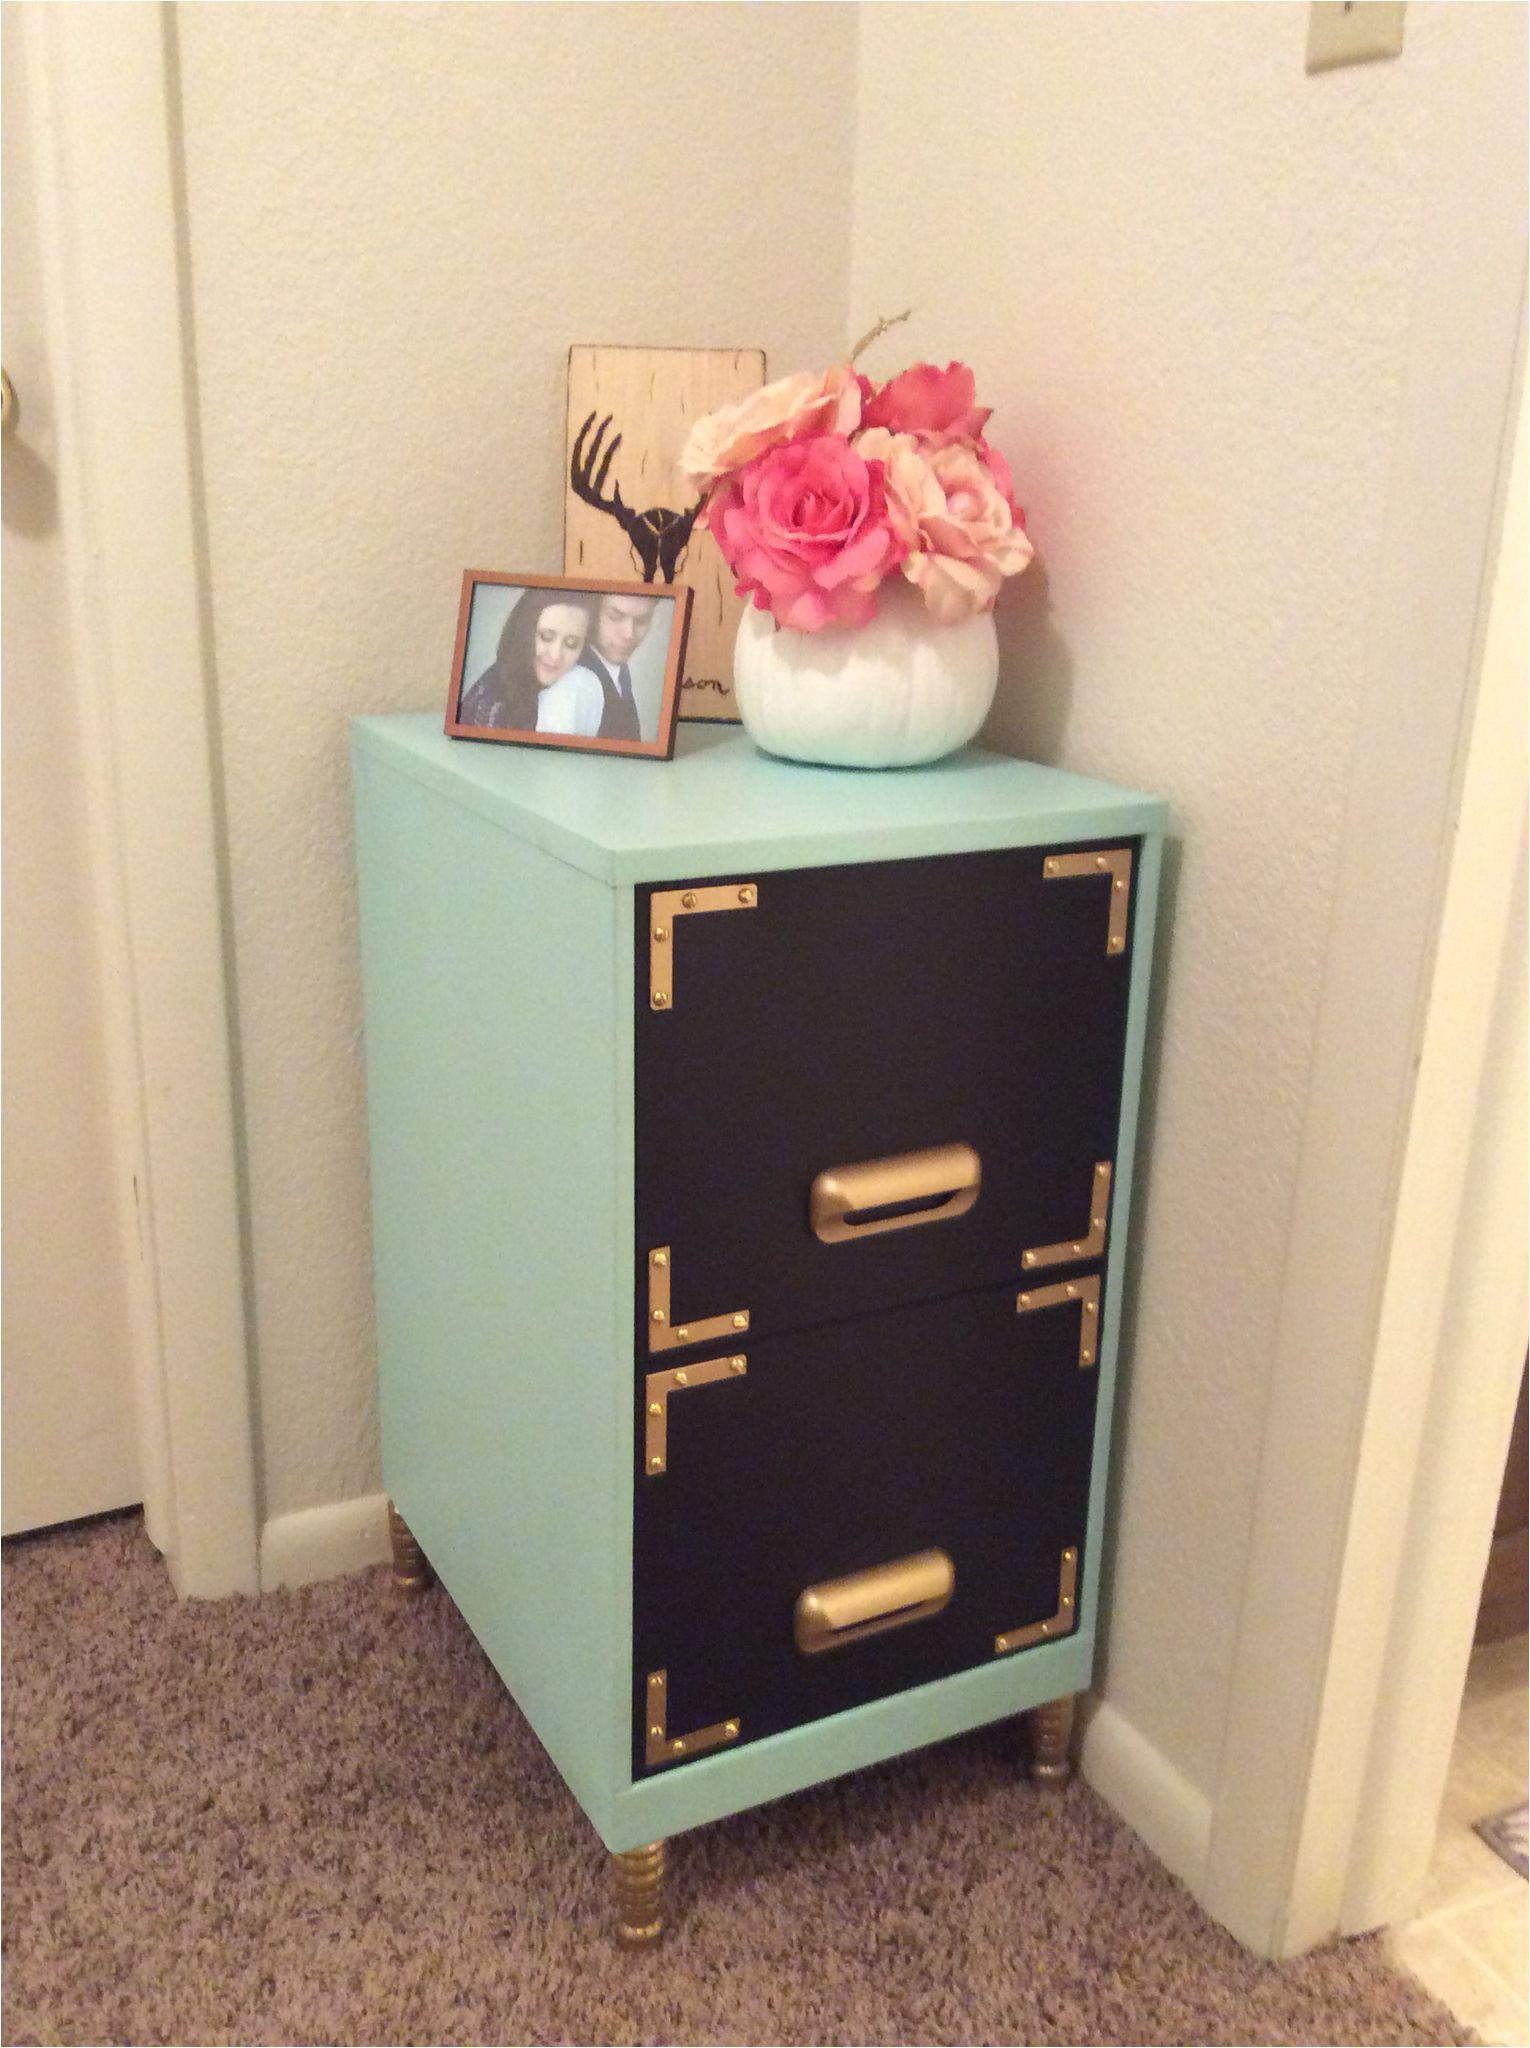 Diy 2 Drawer File Cabinet Desk Filing Cabinet Makeover Black Chalkboard Paint On the Drawers